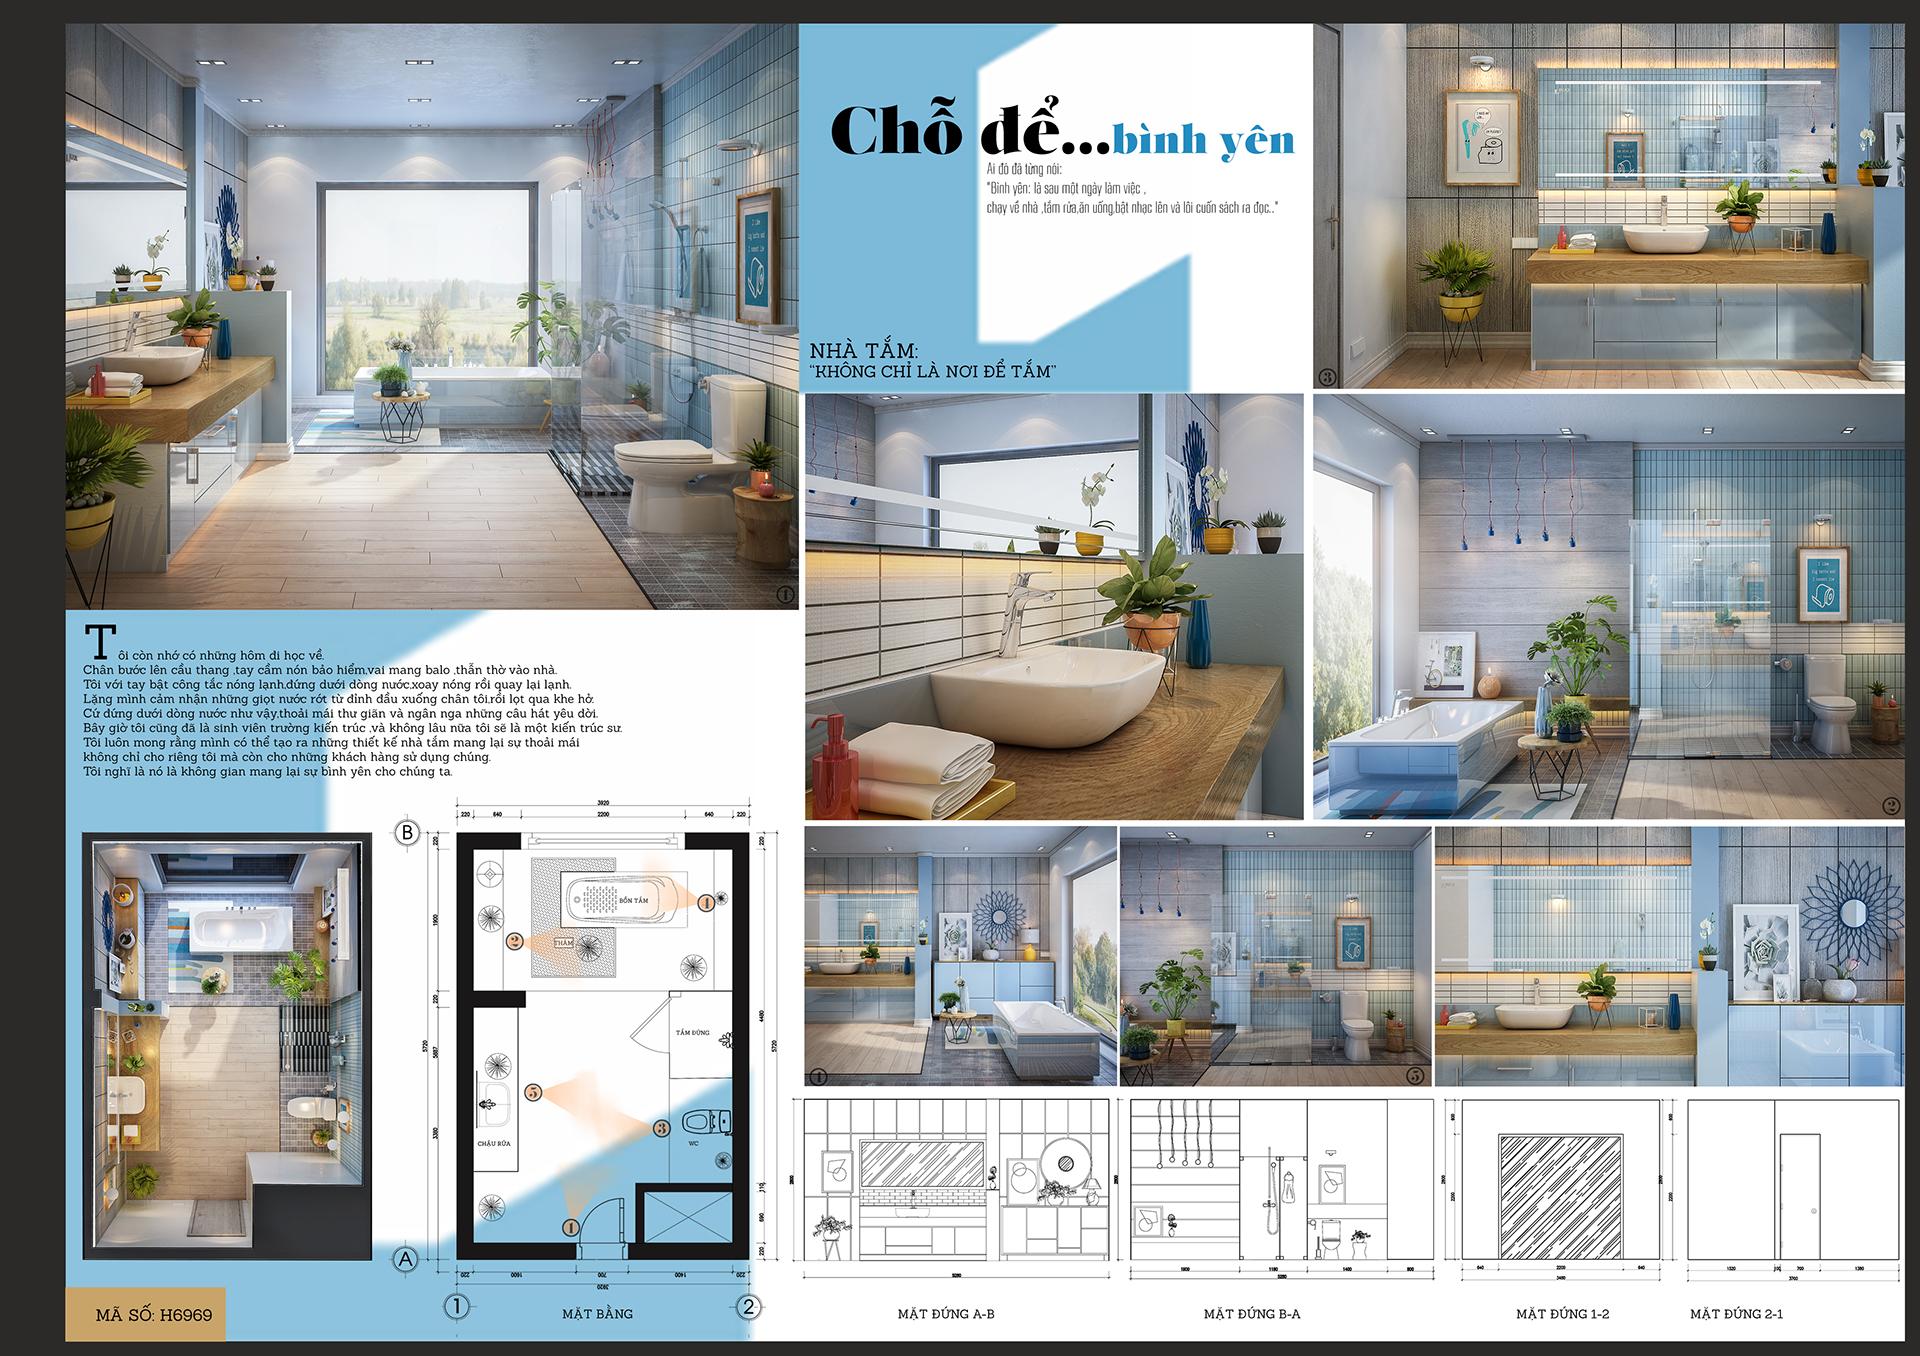 thiết kế nội thất Biệt Thự tại Hà Nội Bathroom design 2016 5 1534389469